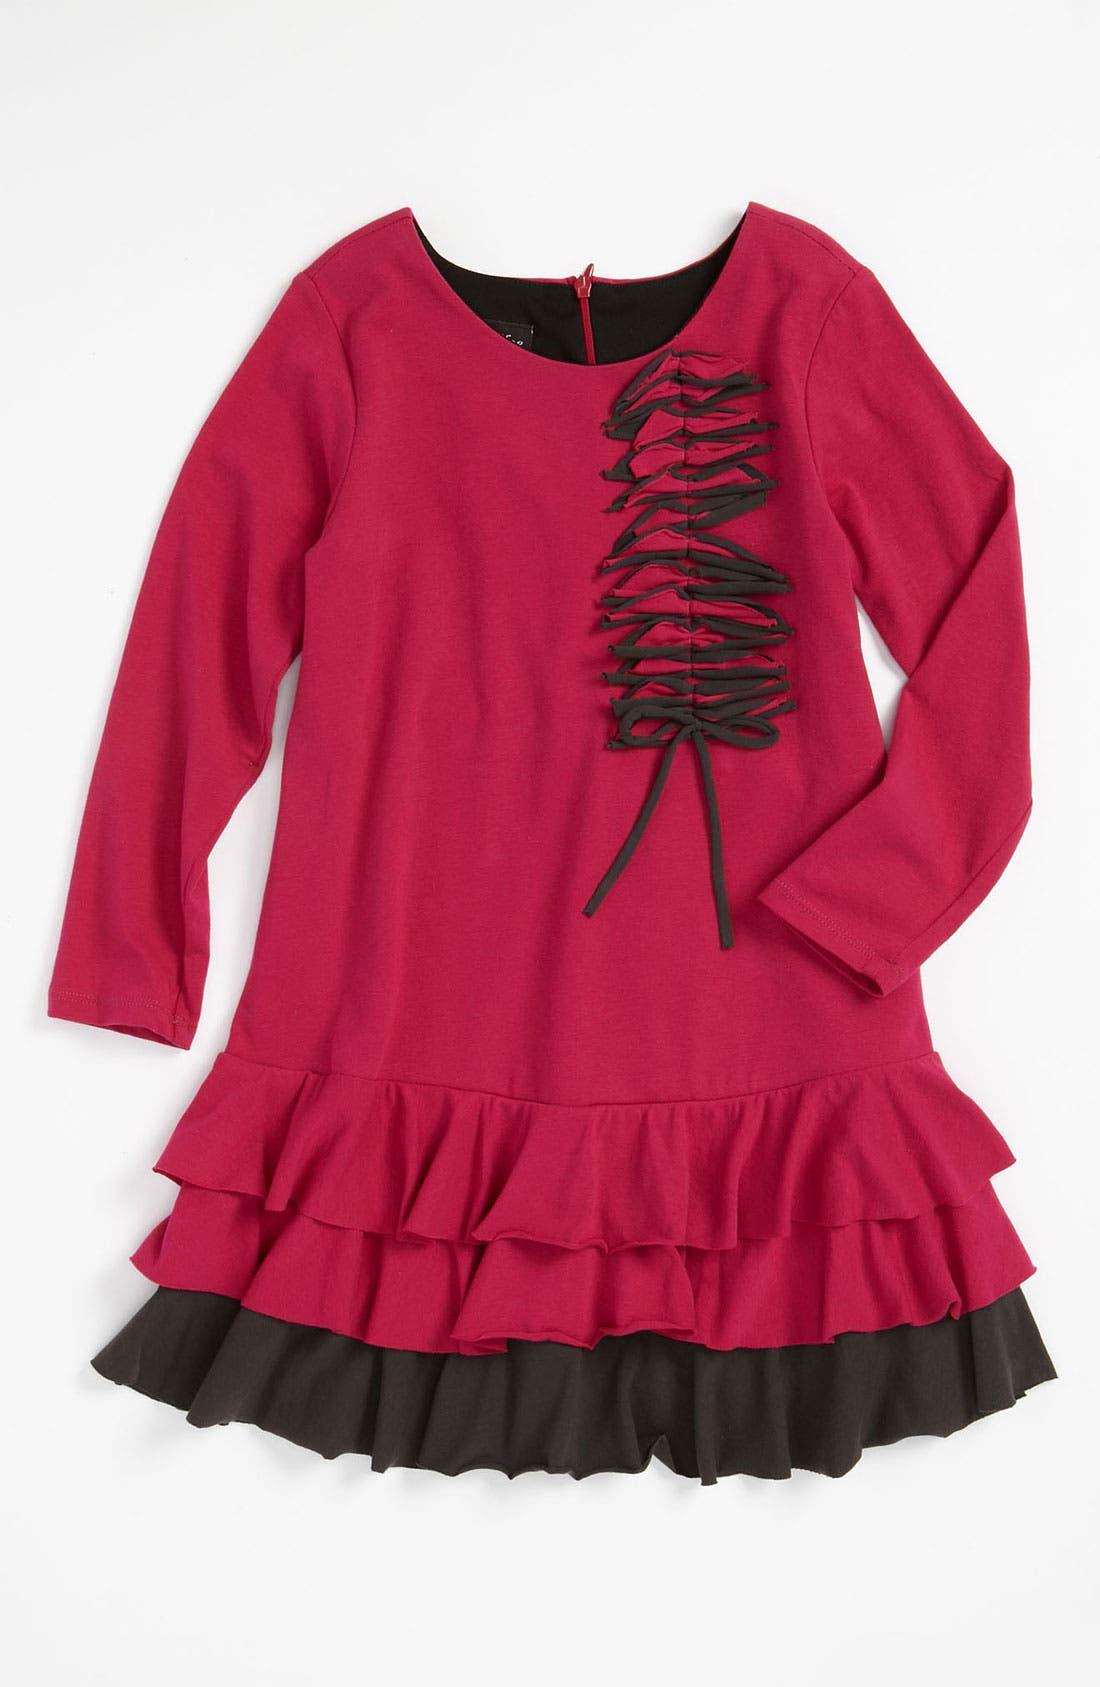 Alternate Image 1 Selected - Isobella & Chloe 'Fireworks' Knit Dress (Little Girls & Big Girls)